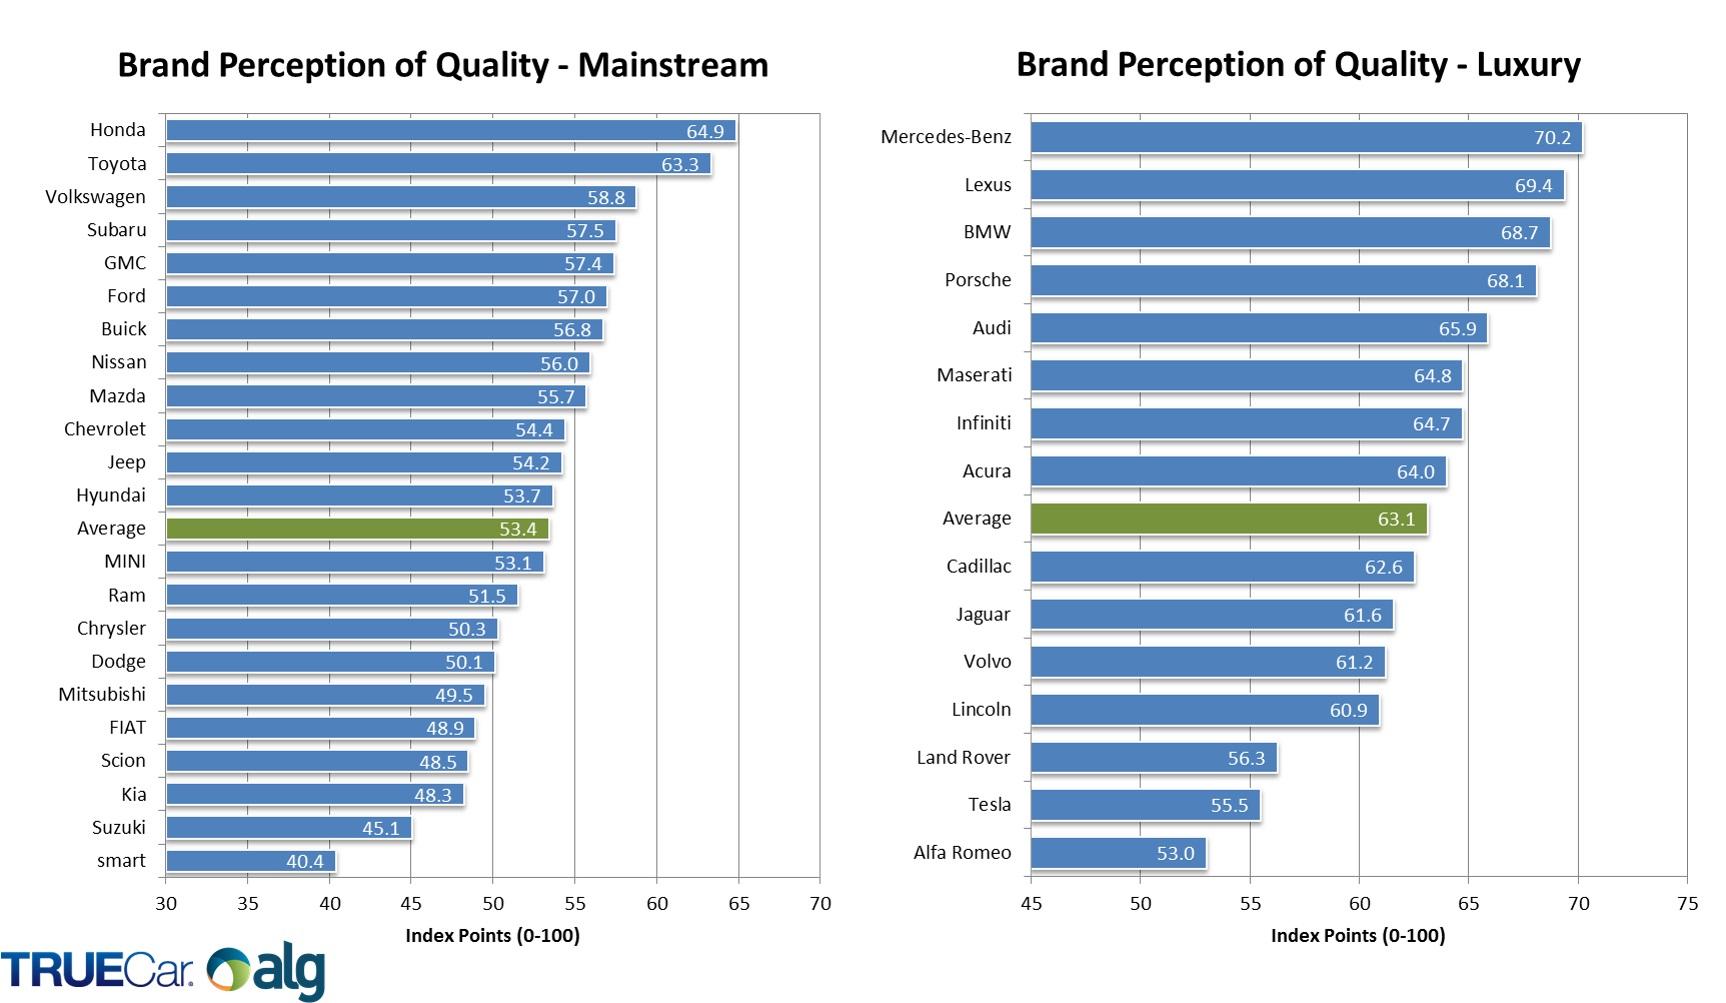 USA: Brand Perception of Quality